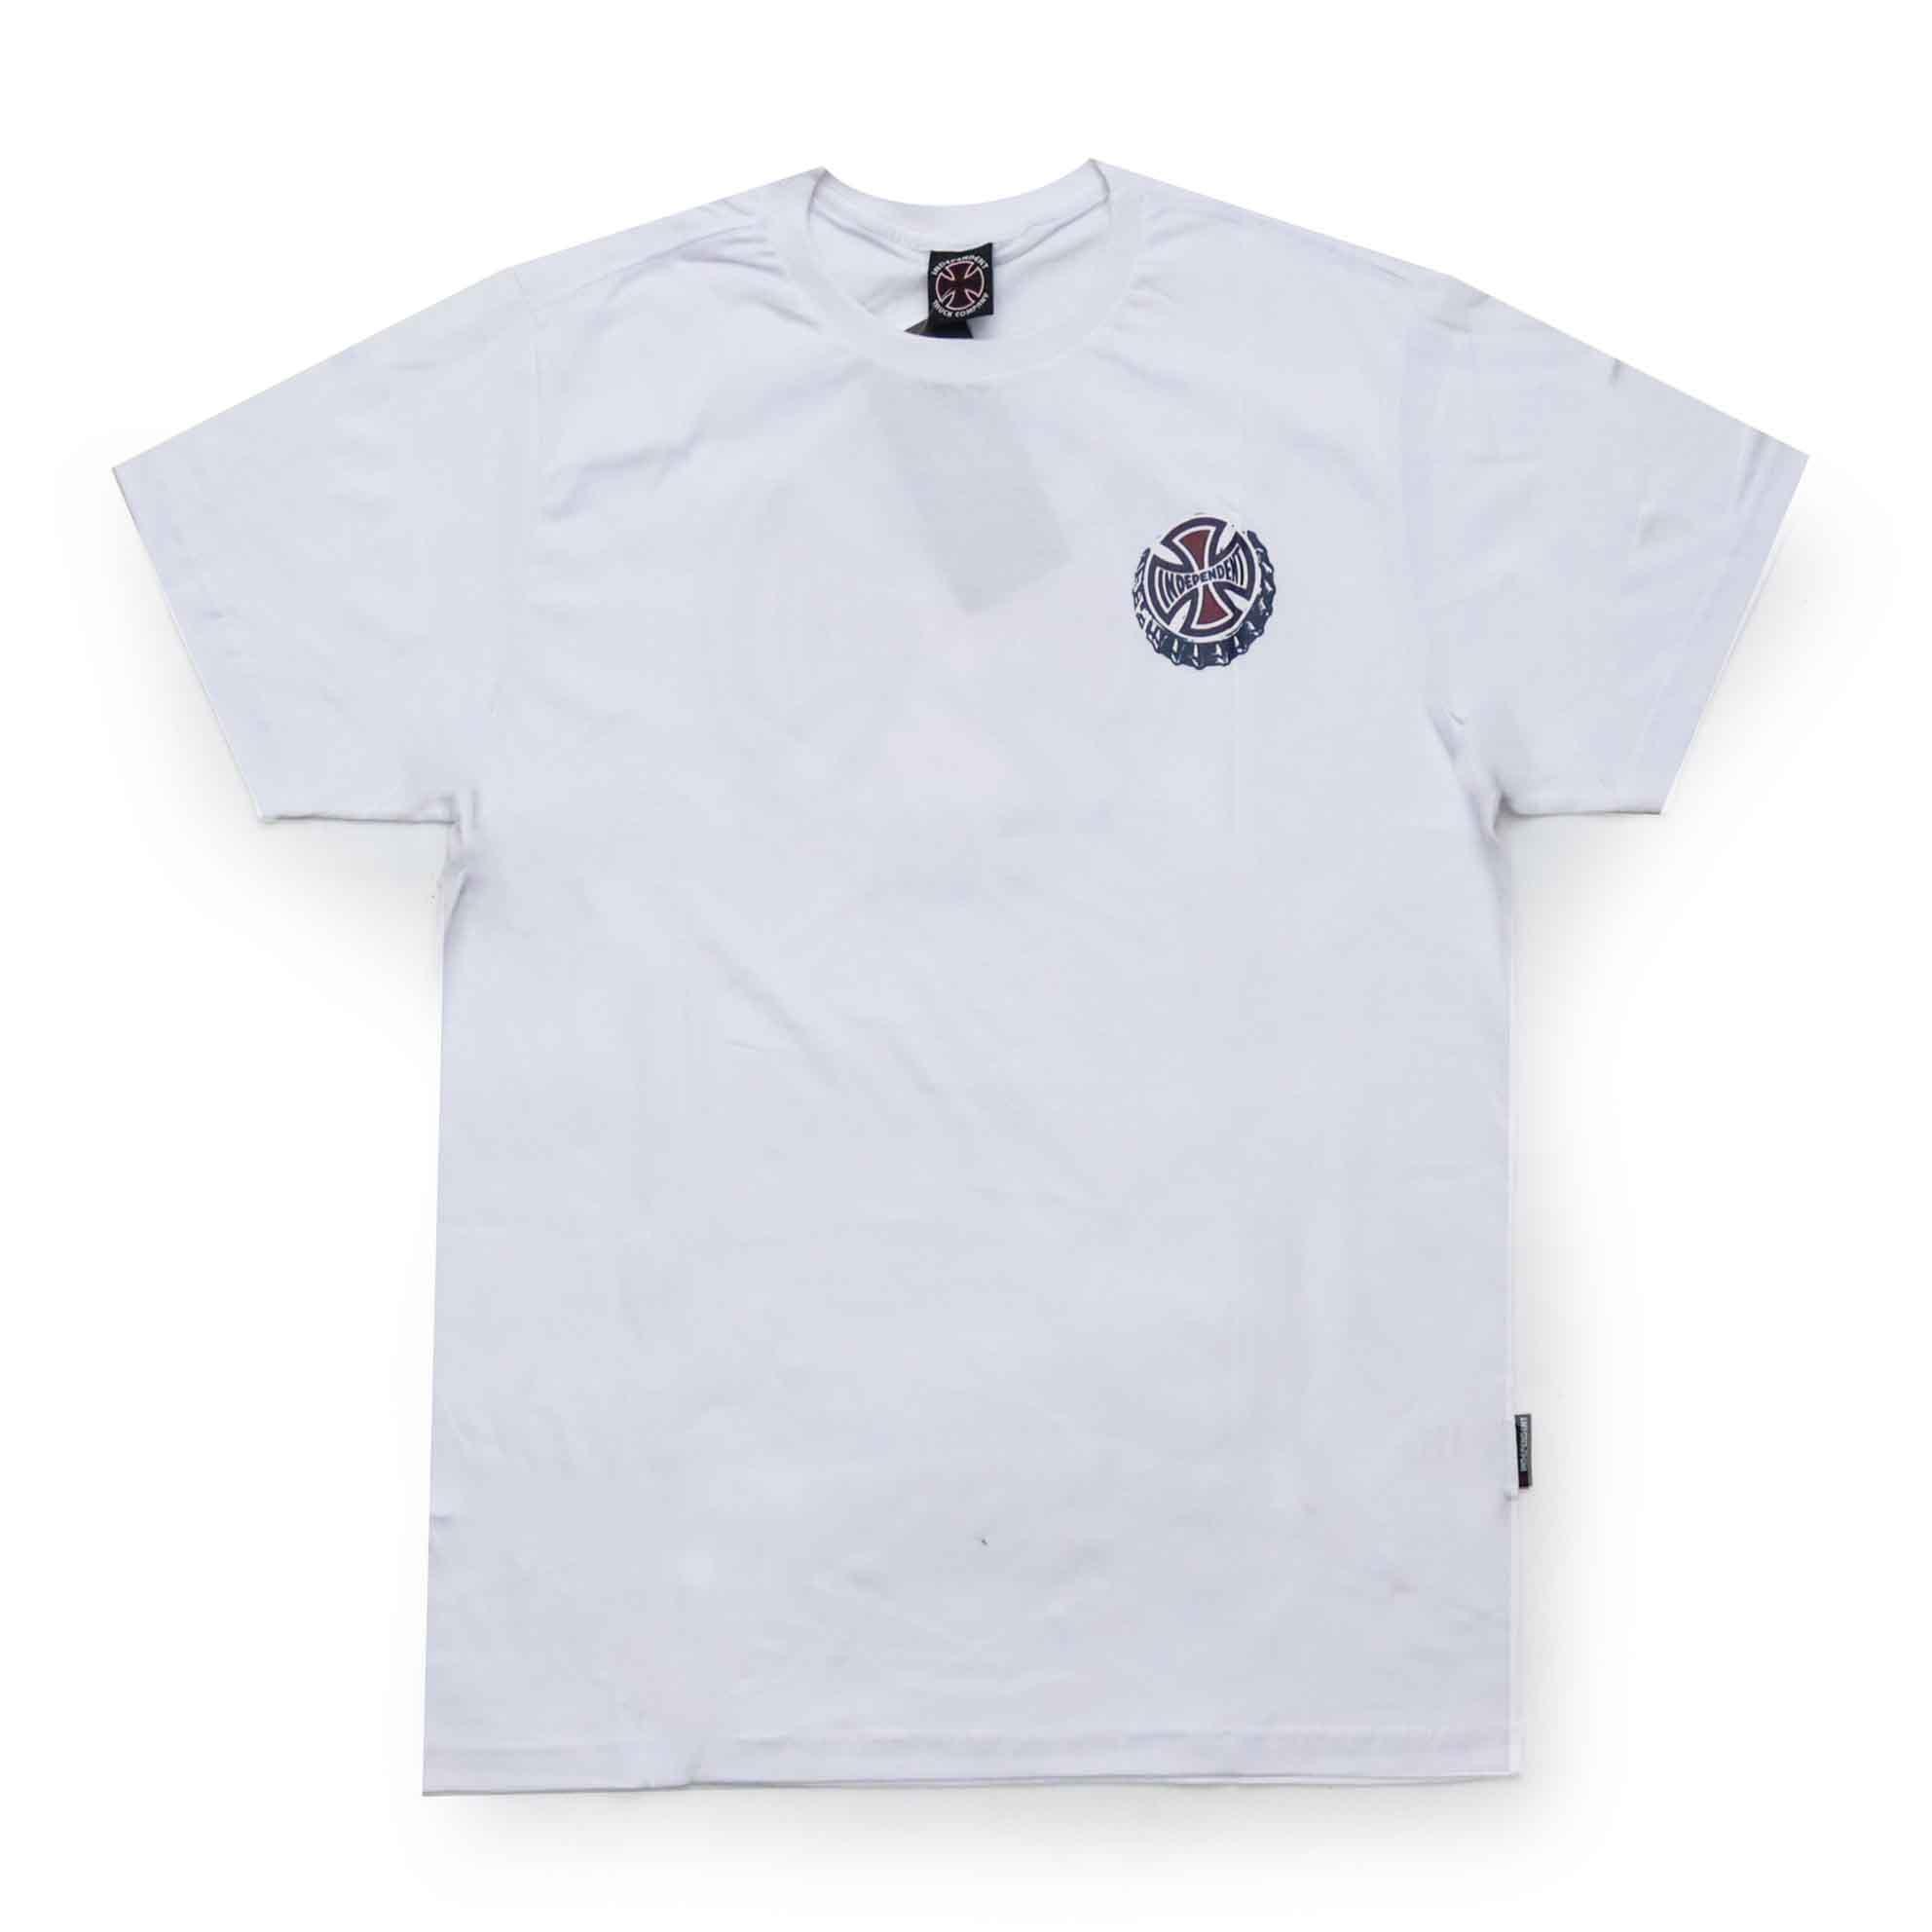 Camiseta Independent Suds - Branco